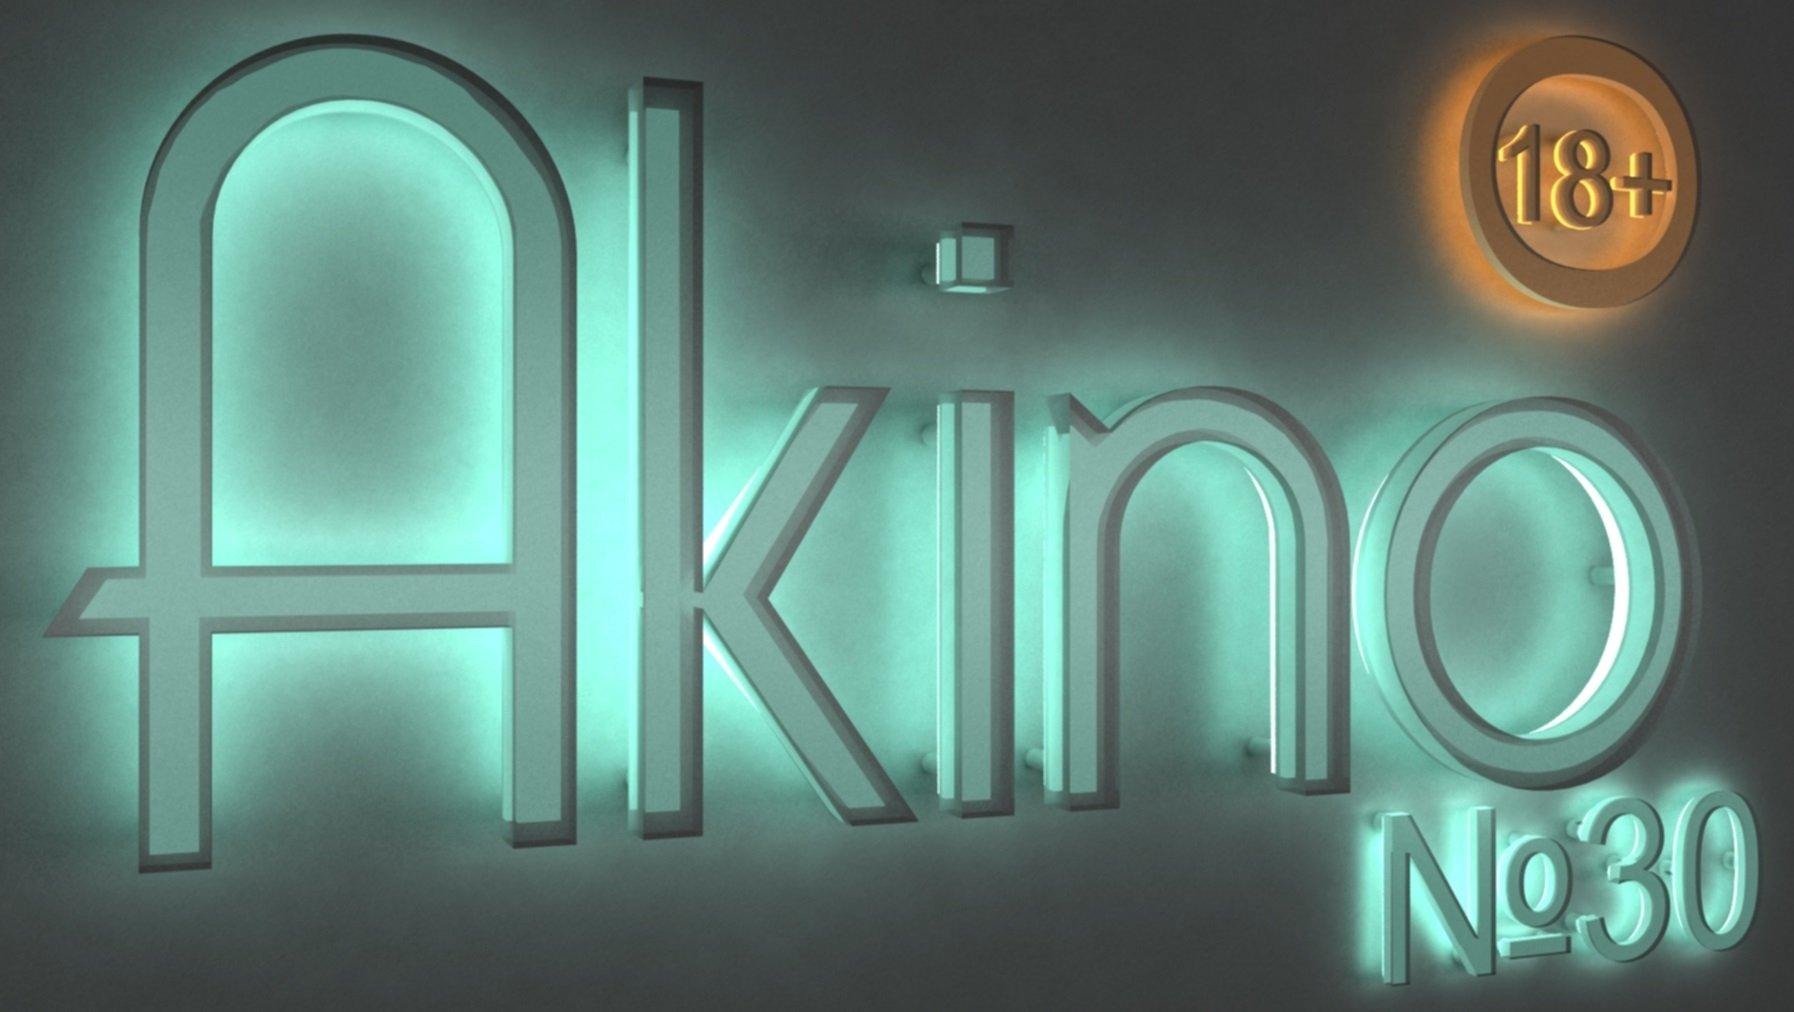 Подкаст AkiNO Выпуск № 30 (18+) - Изображение 1